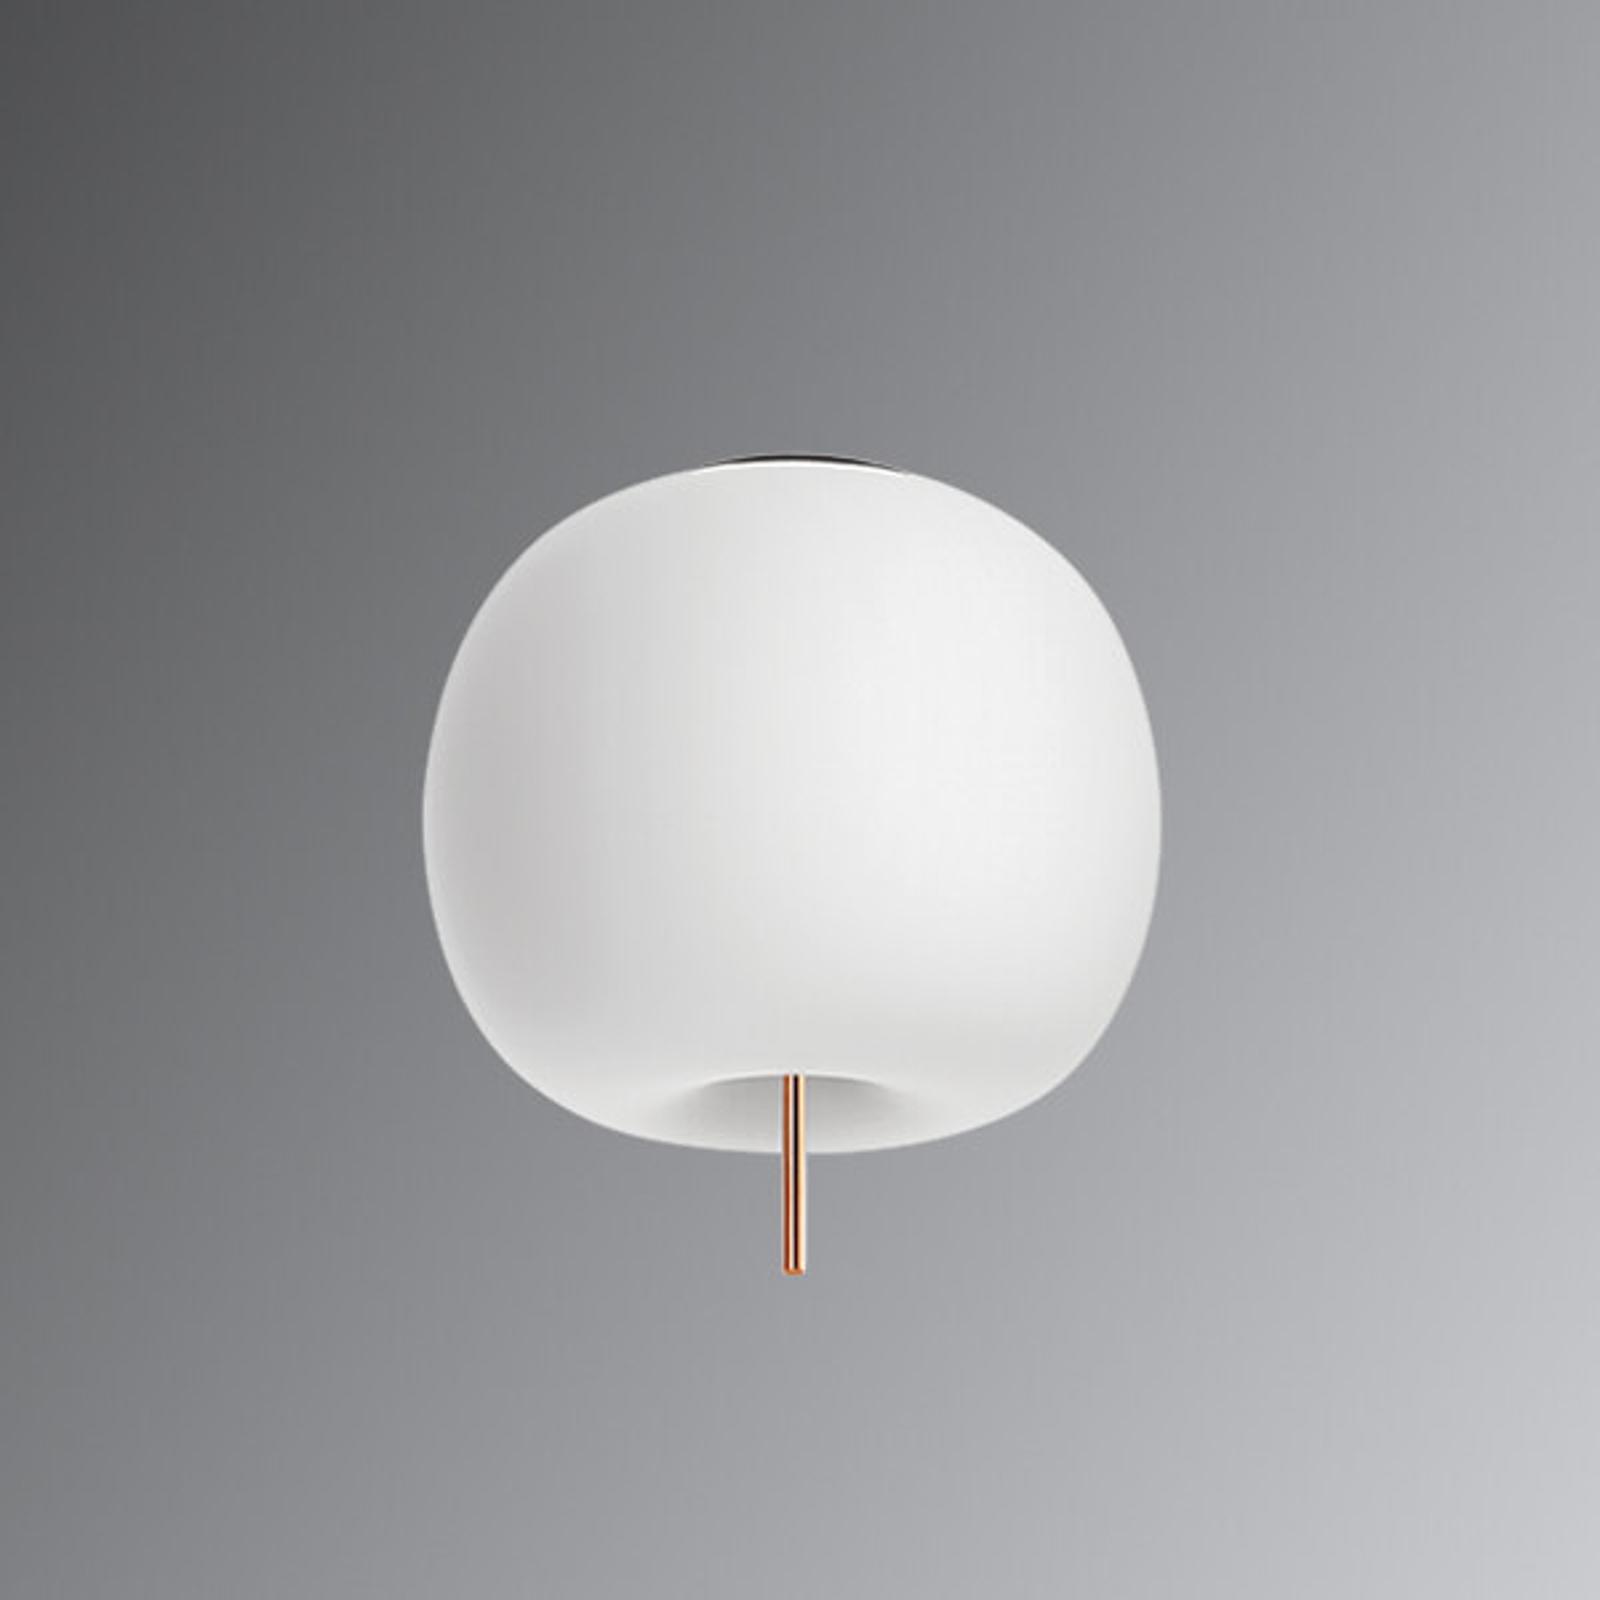 Kundalini Kushi - LED ceiling light, copper_5520191_1